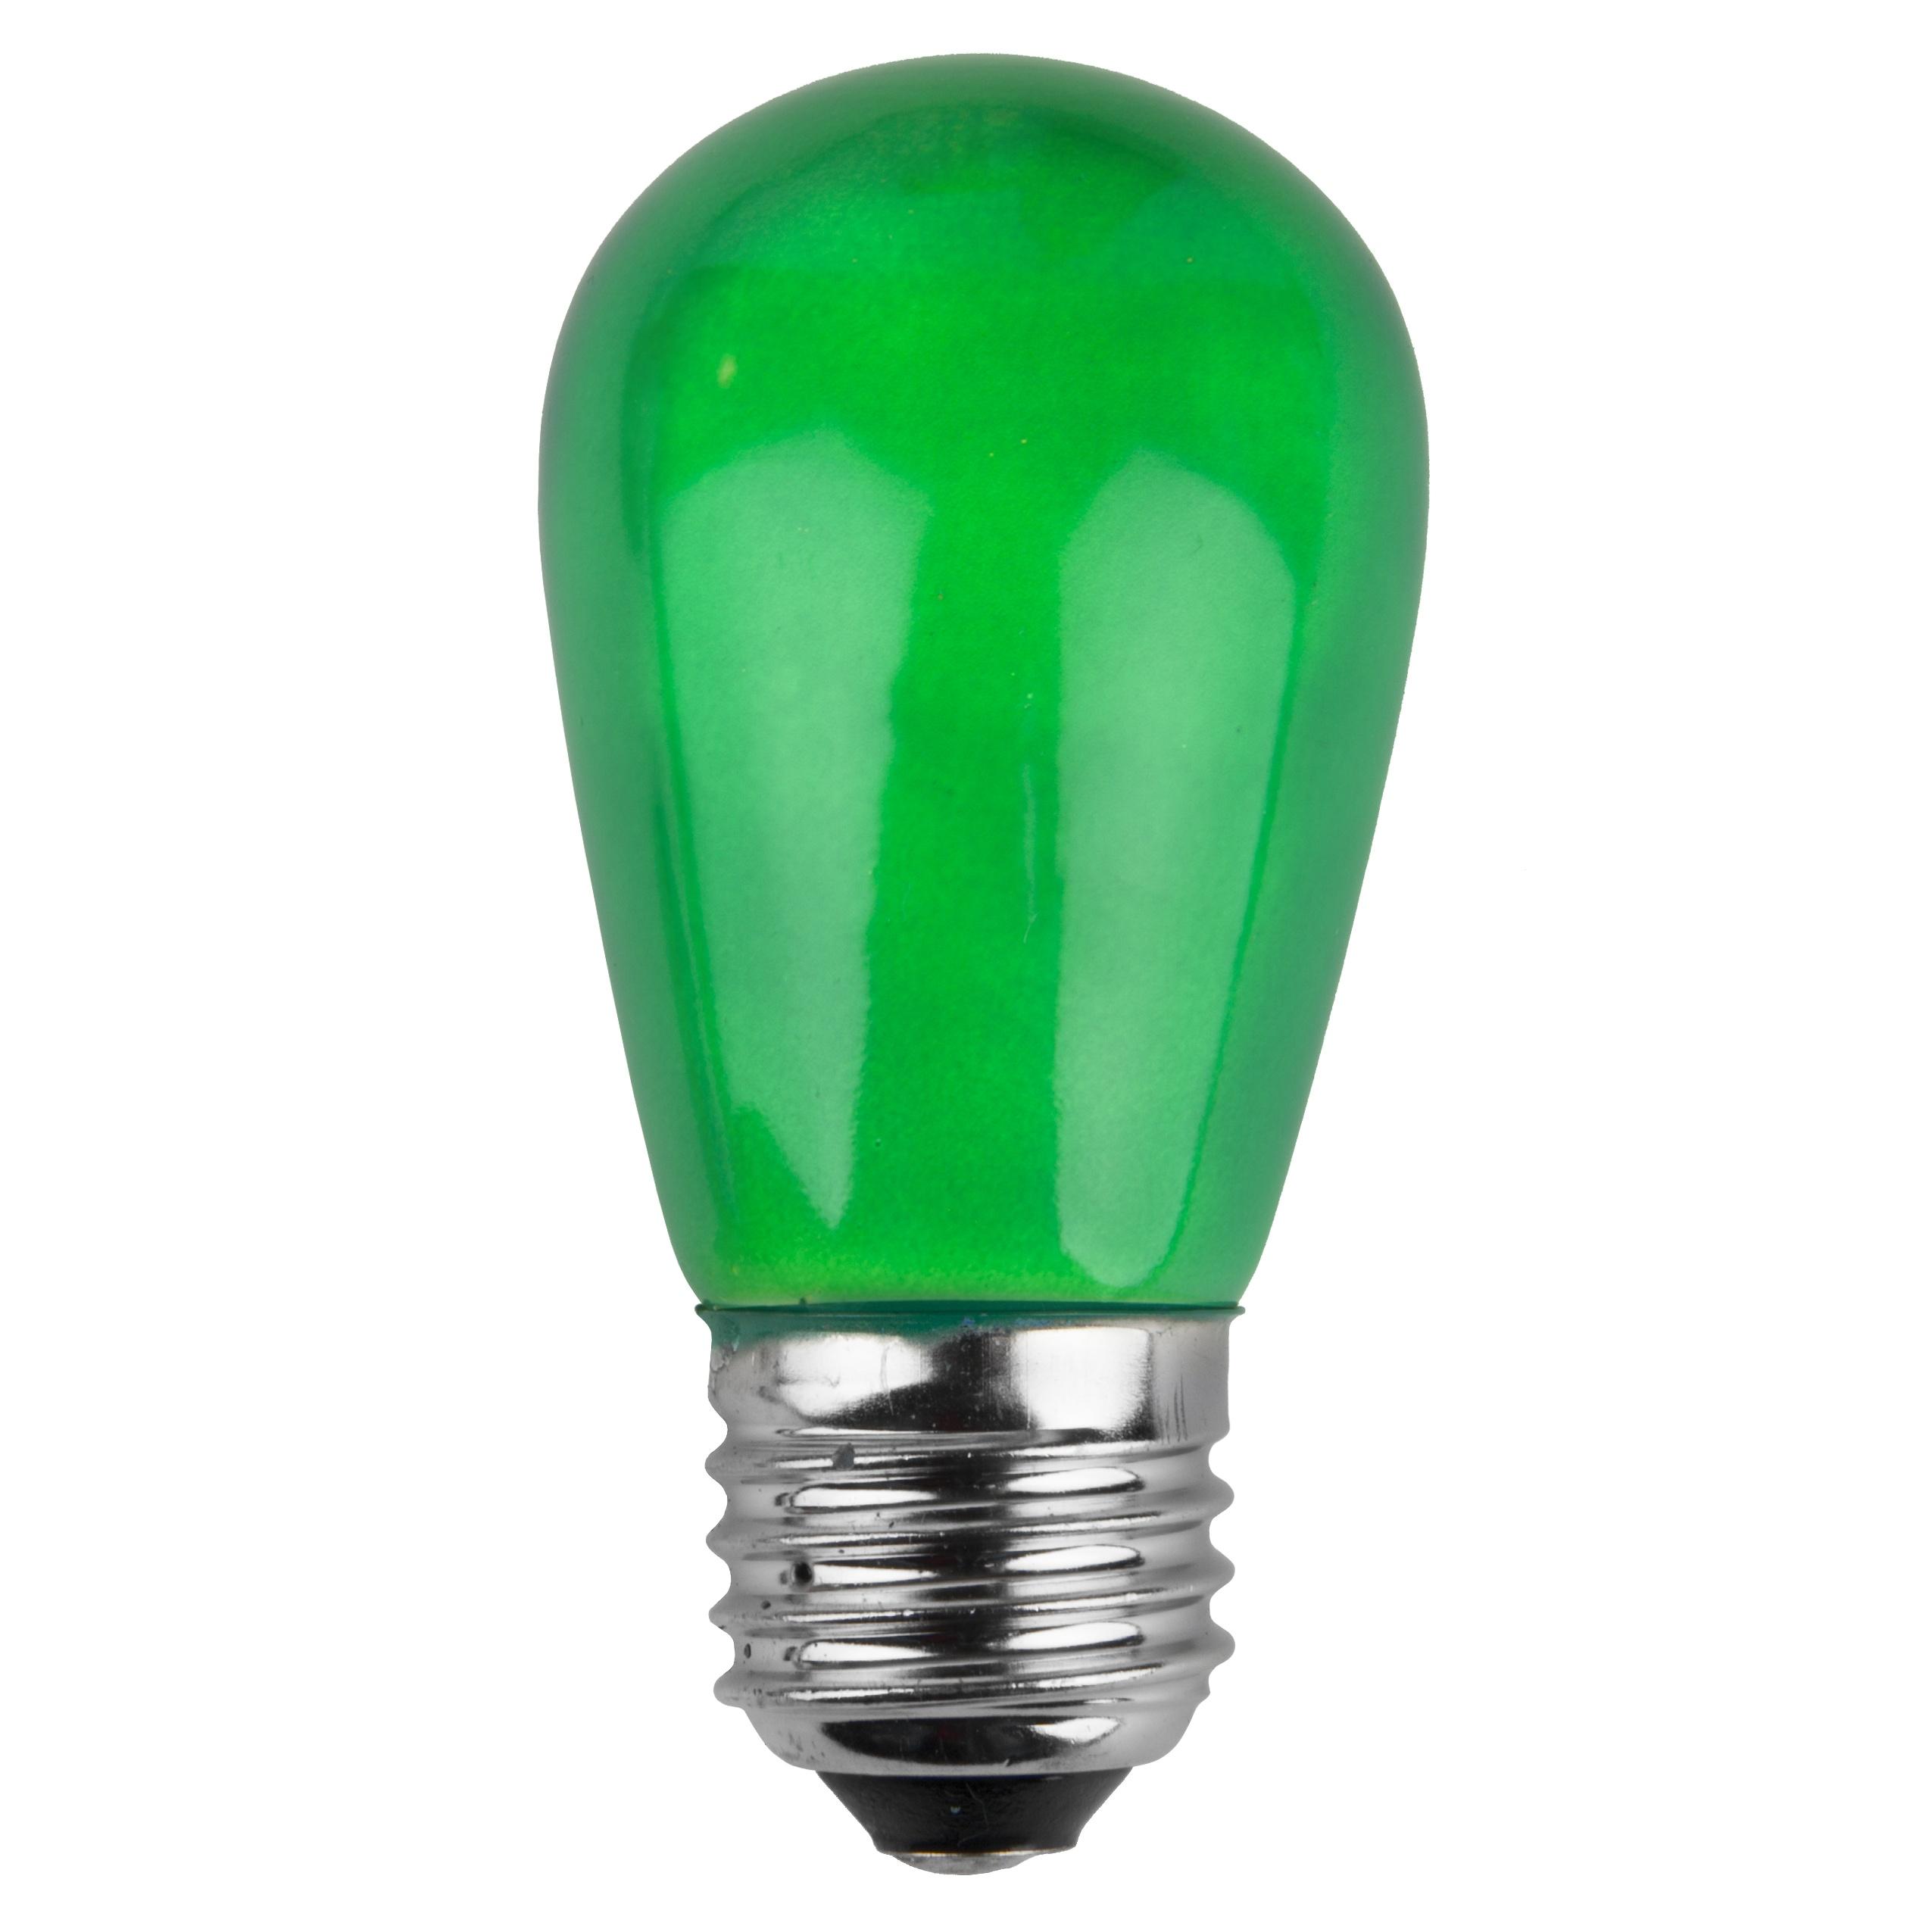 Replacement Christmas Lights Bulbs